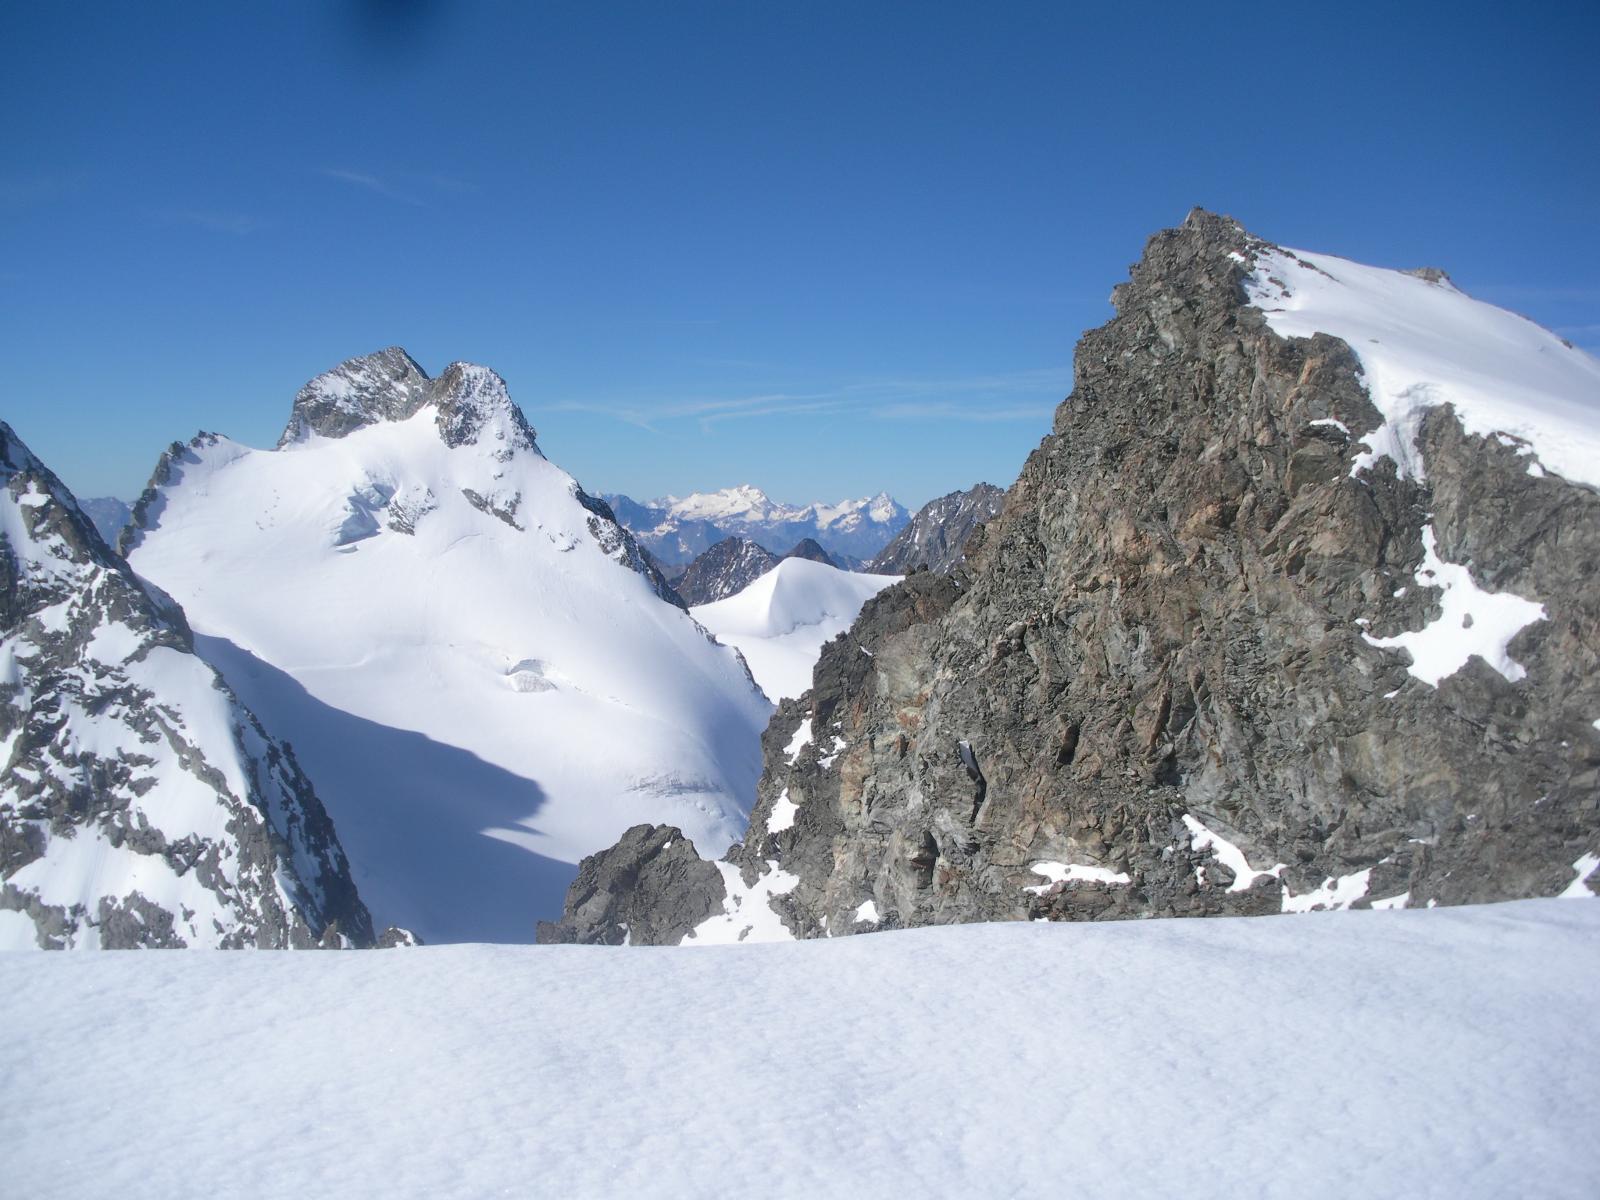 le Chancellier con l'Eveque al centro e piccola in mezzo la Becca d'Oren dai plateau sommitali del M.Collon